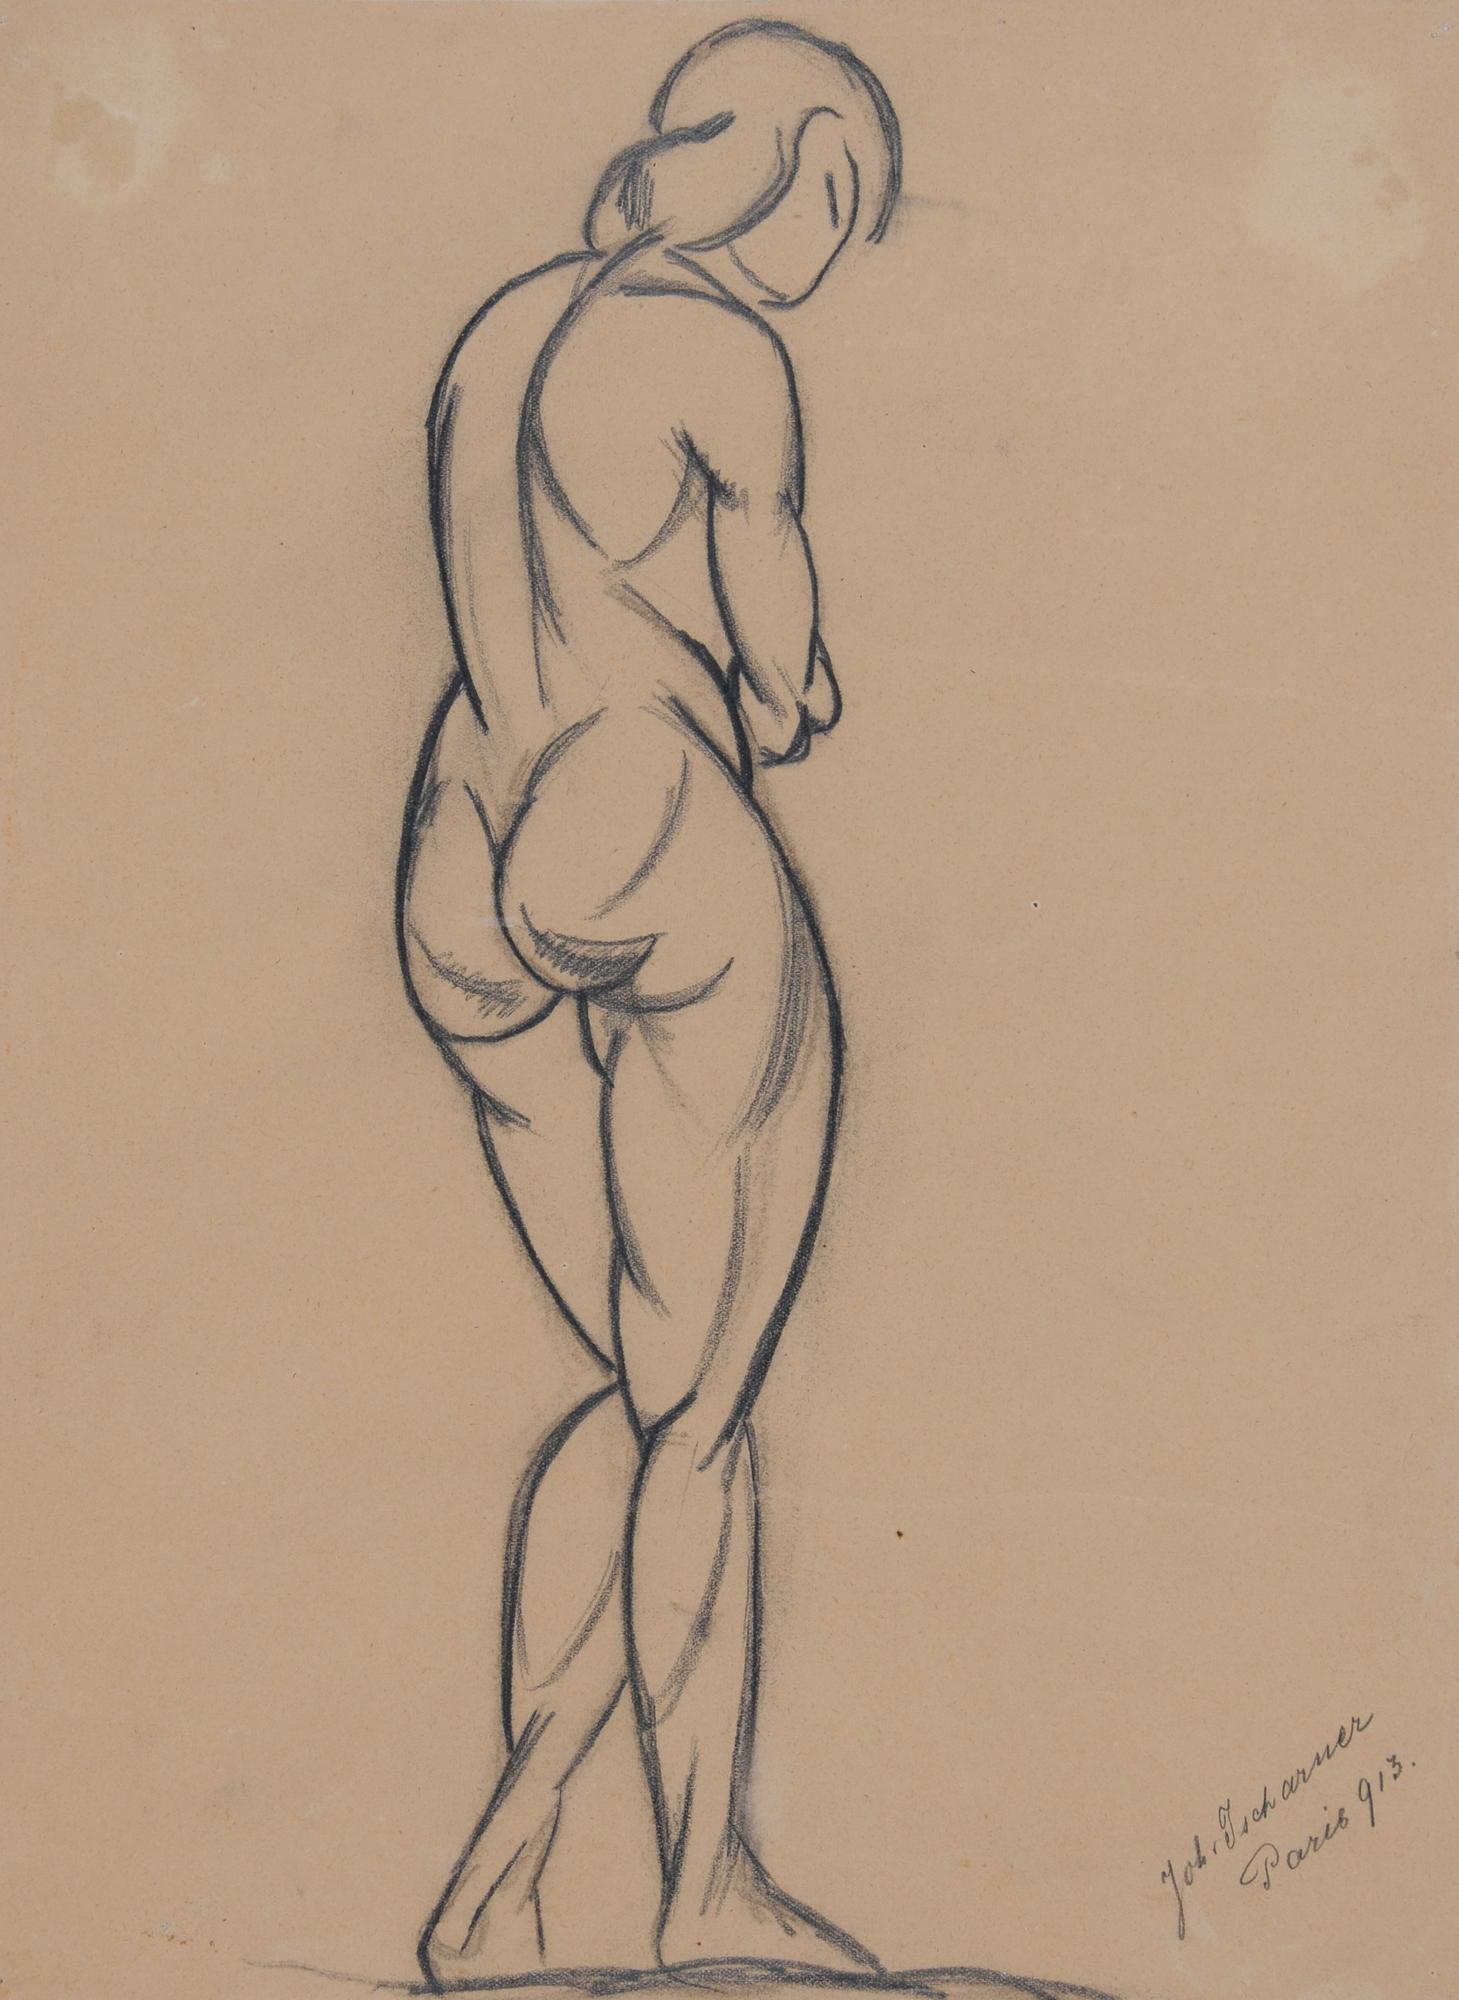 Tscharner Johann Wilhelm von, Standing Female Nude from behind